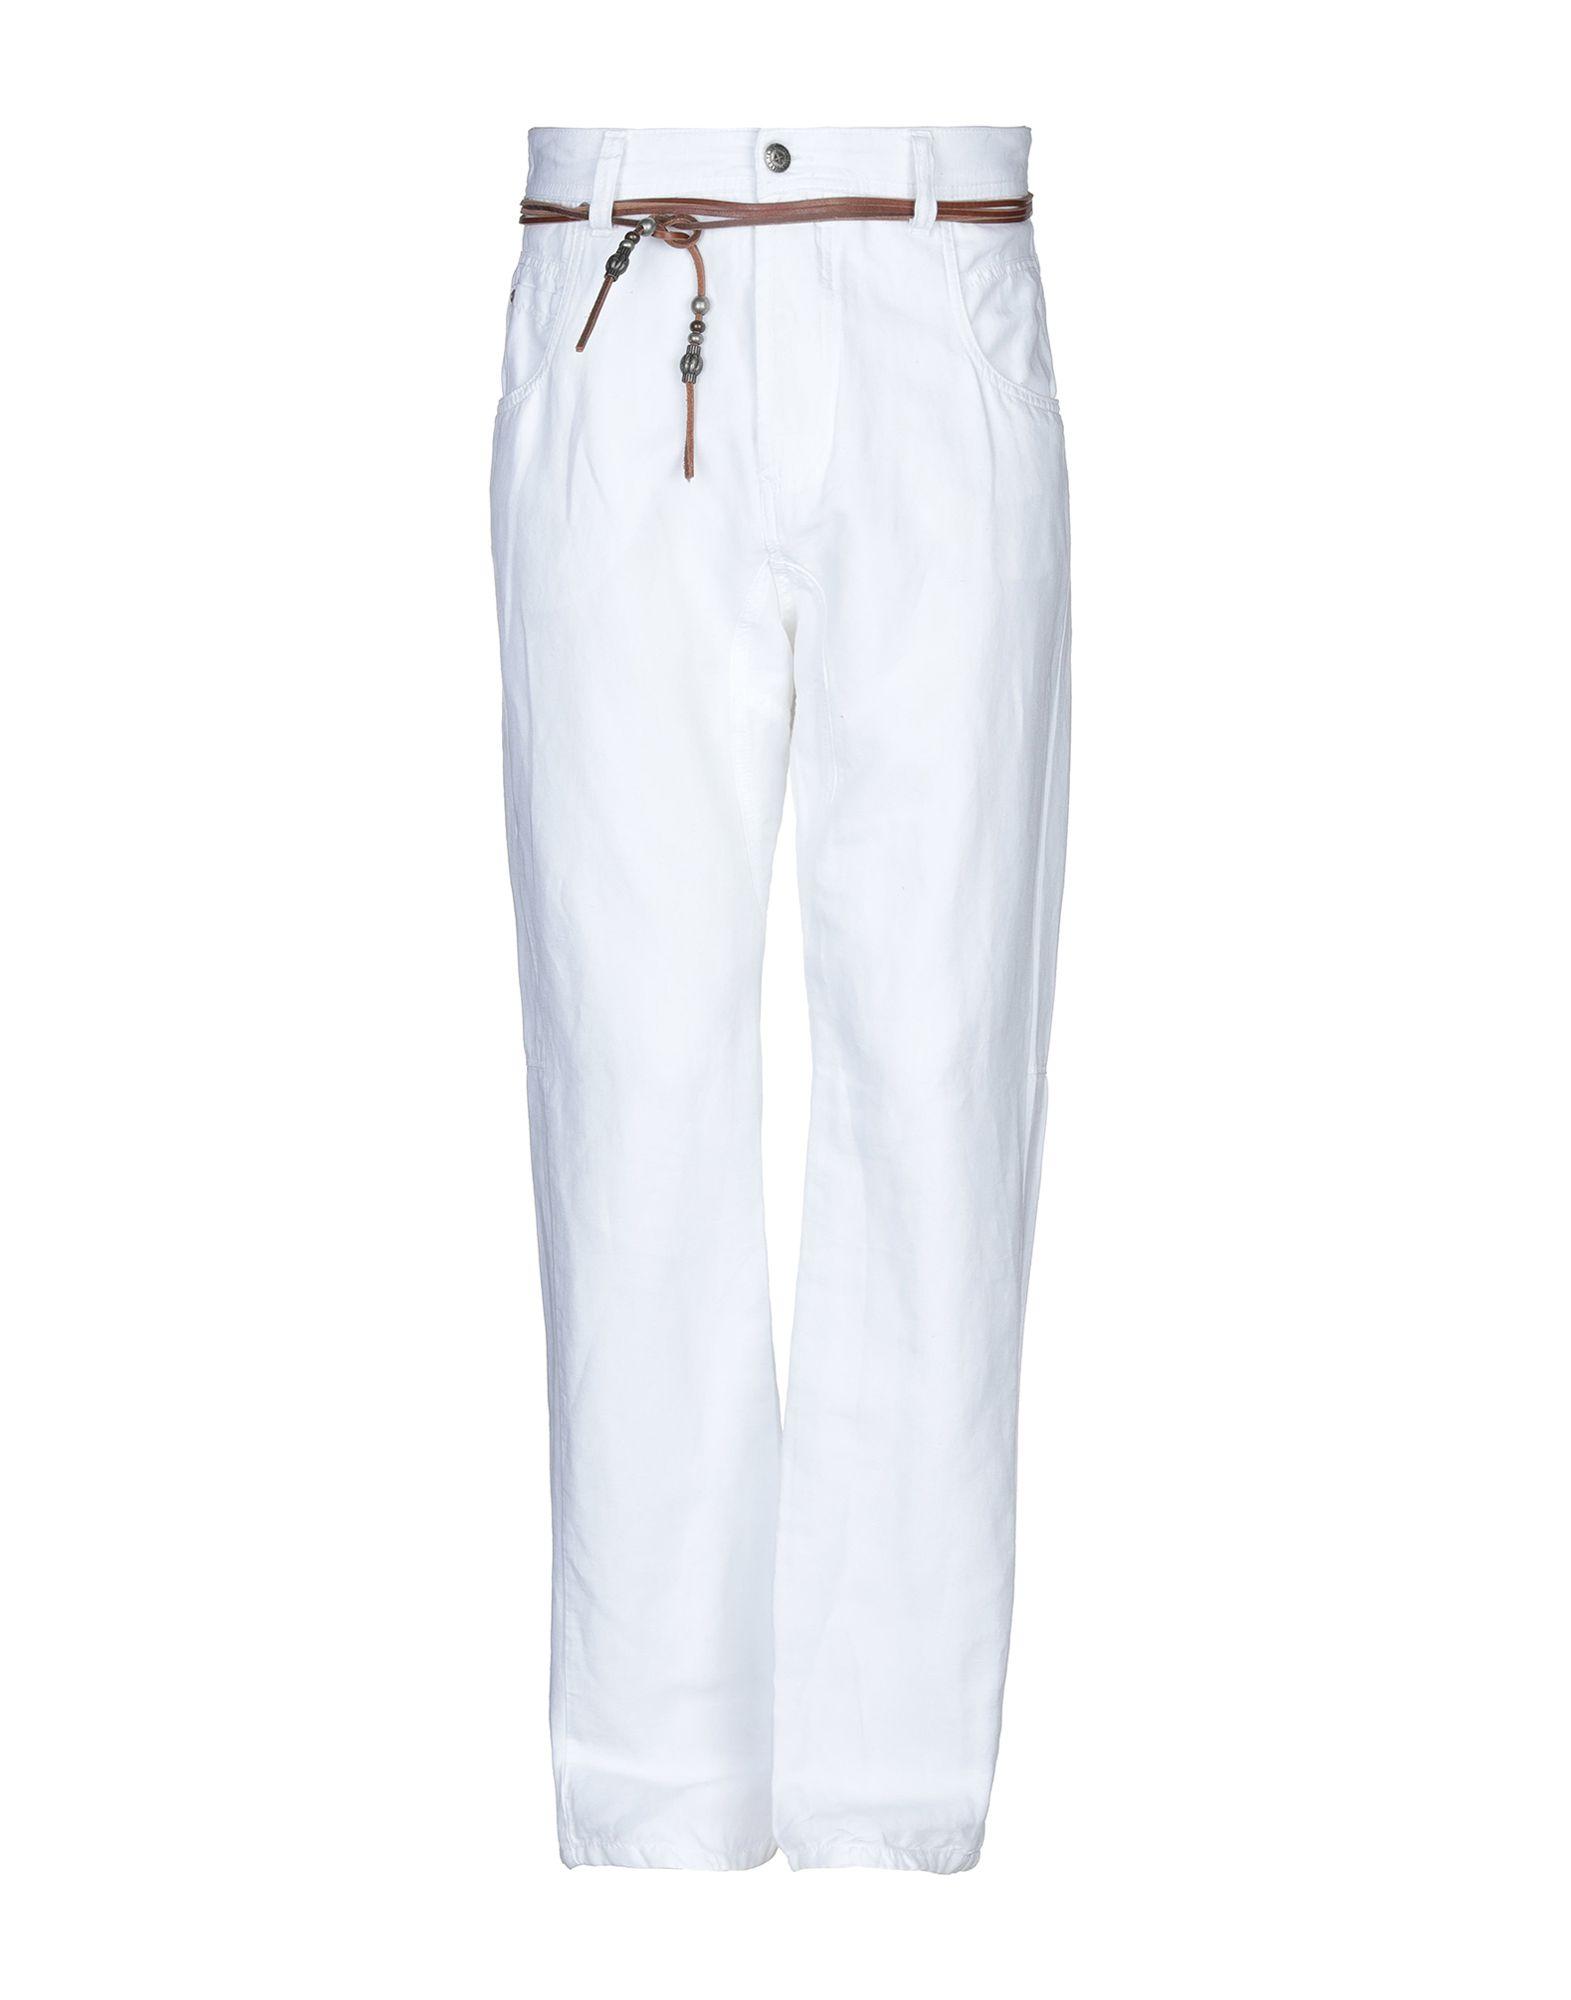 ZU+ELEMENTS Повседневные брюки